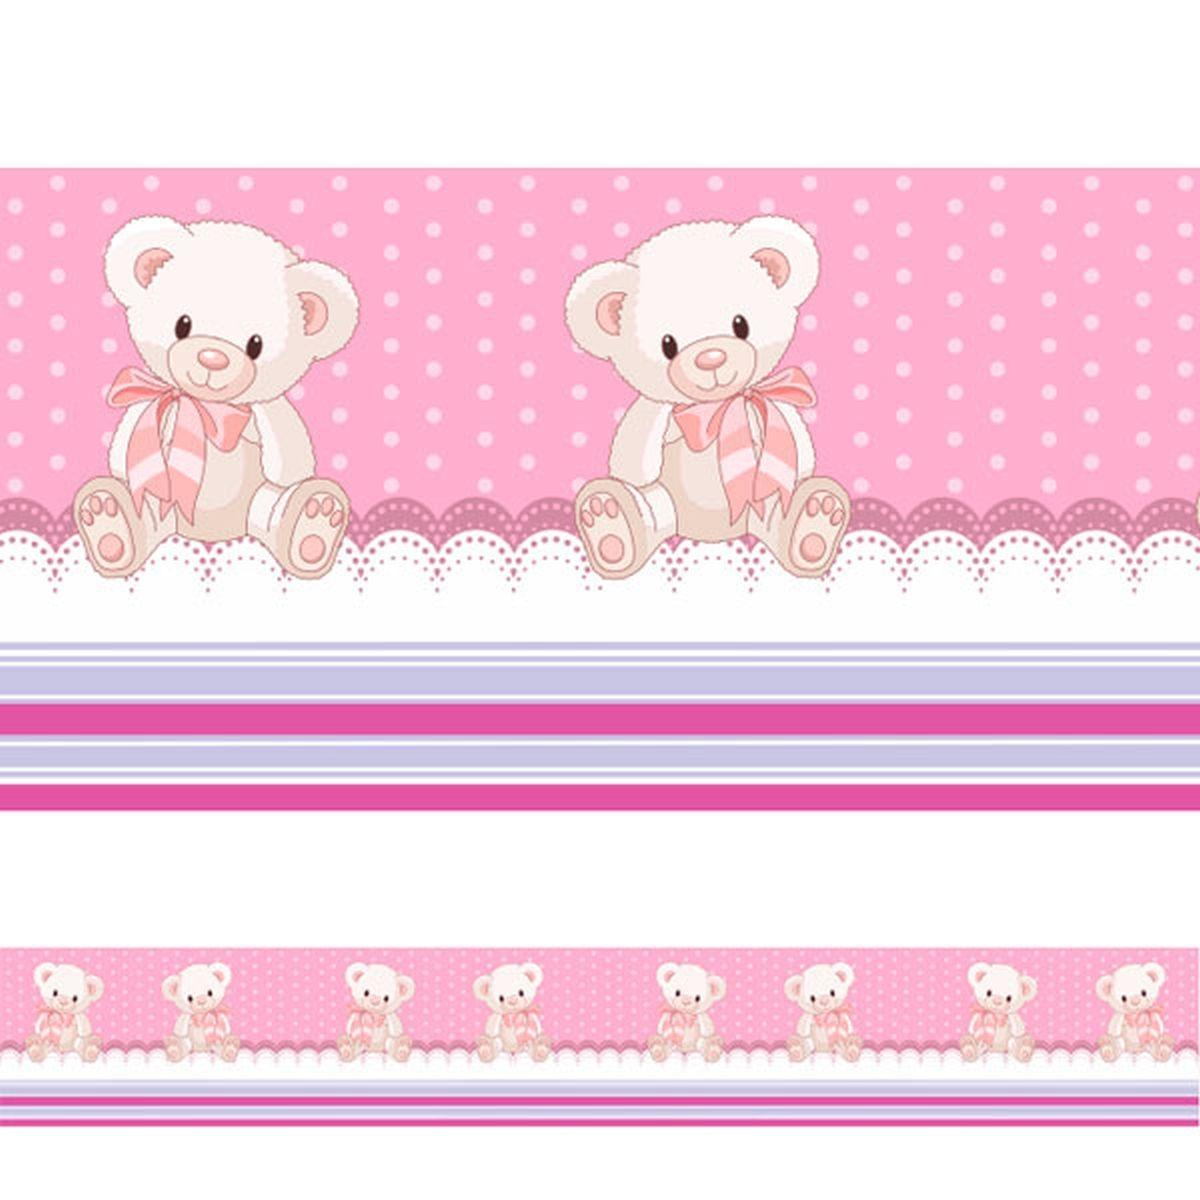 8cd326847 adesivo faixa decorativa para quarto infantil ursinho. Carregando zoom.